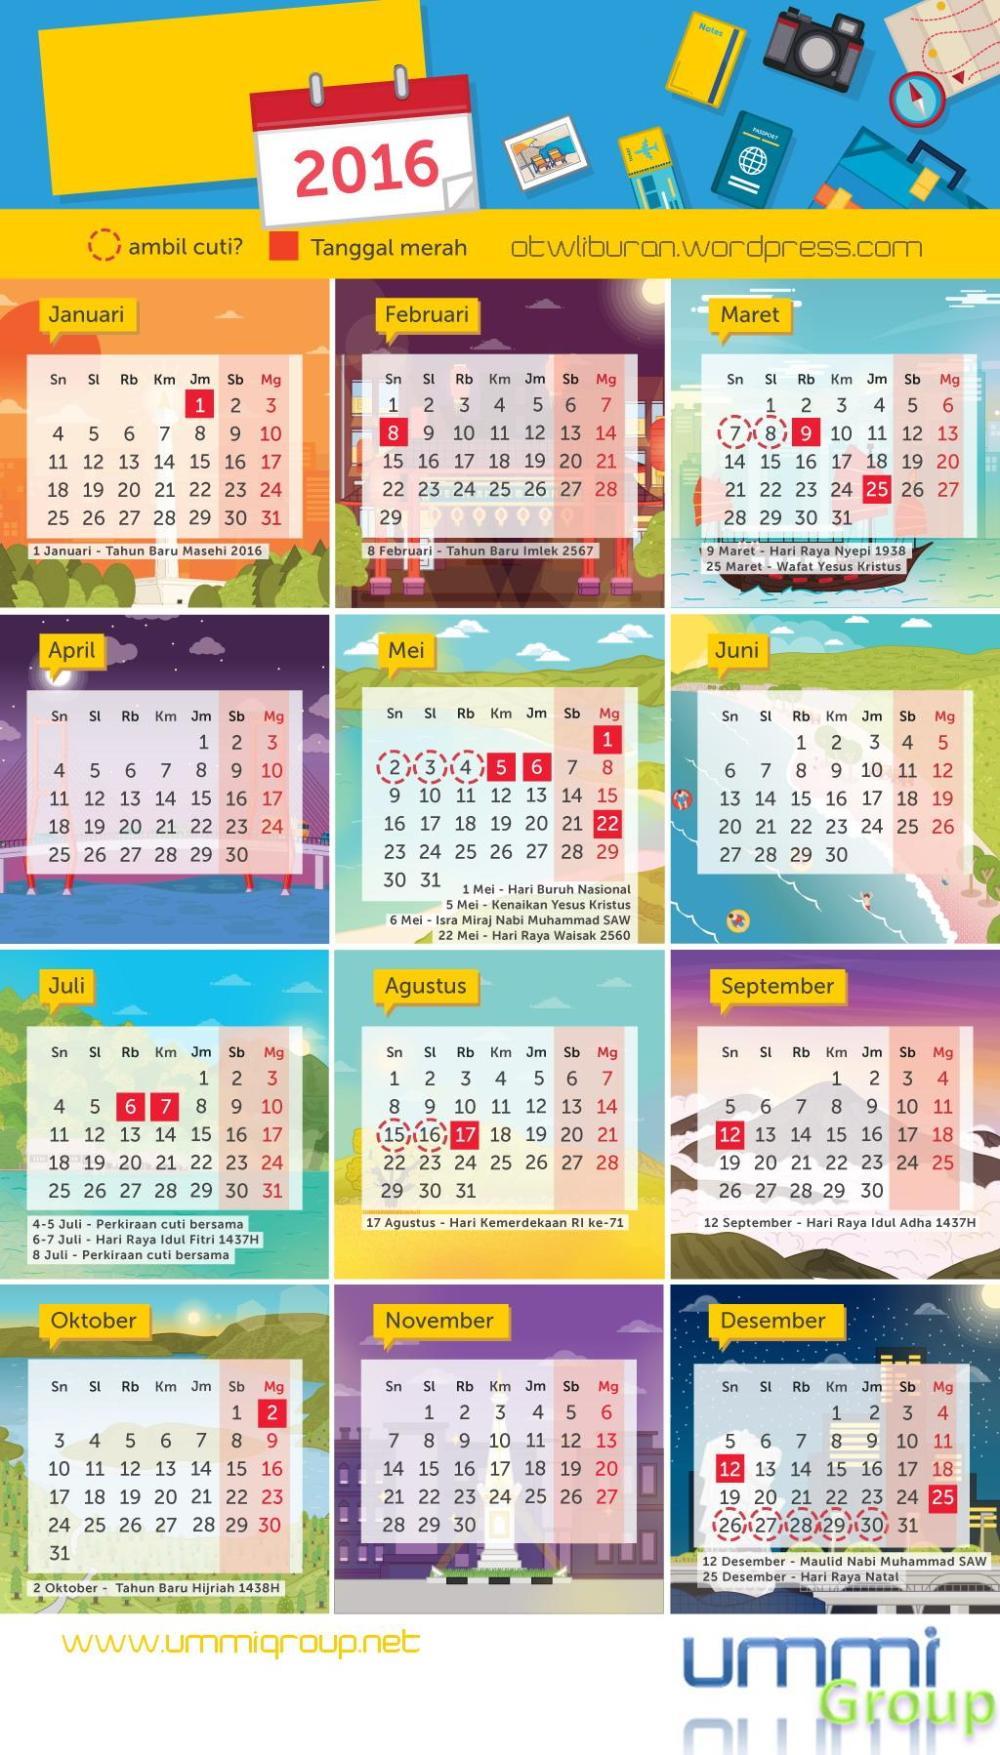 Kalender-Cuti-2016-otw liburan